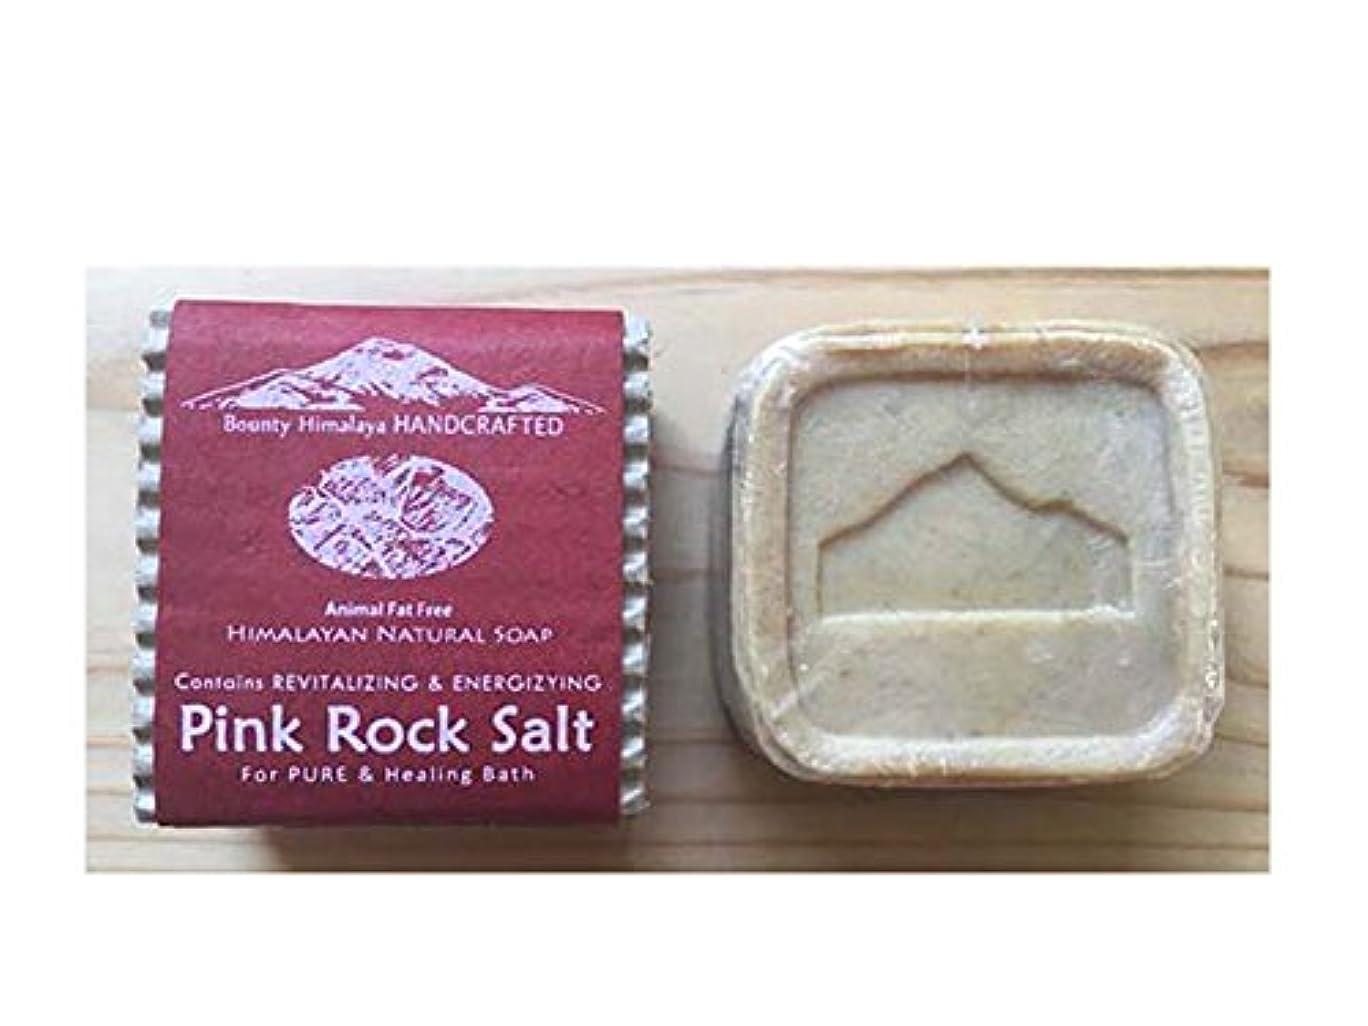 ごめんなさい図書館絶妙アーユルヴェーダ ヒマラヤ?ロッキーソープ(ピンクロックソルトソープ) Bounty Himalaya Pink Rock Salt SOAP(NEPAL AYURVEDA) 100g